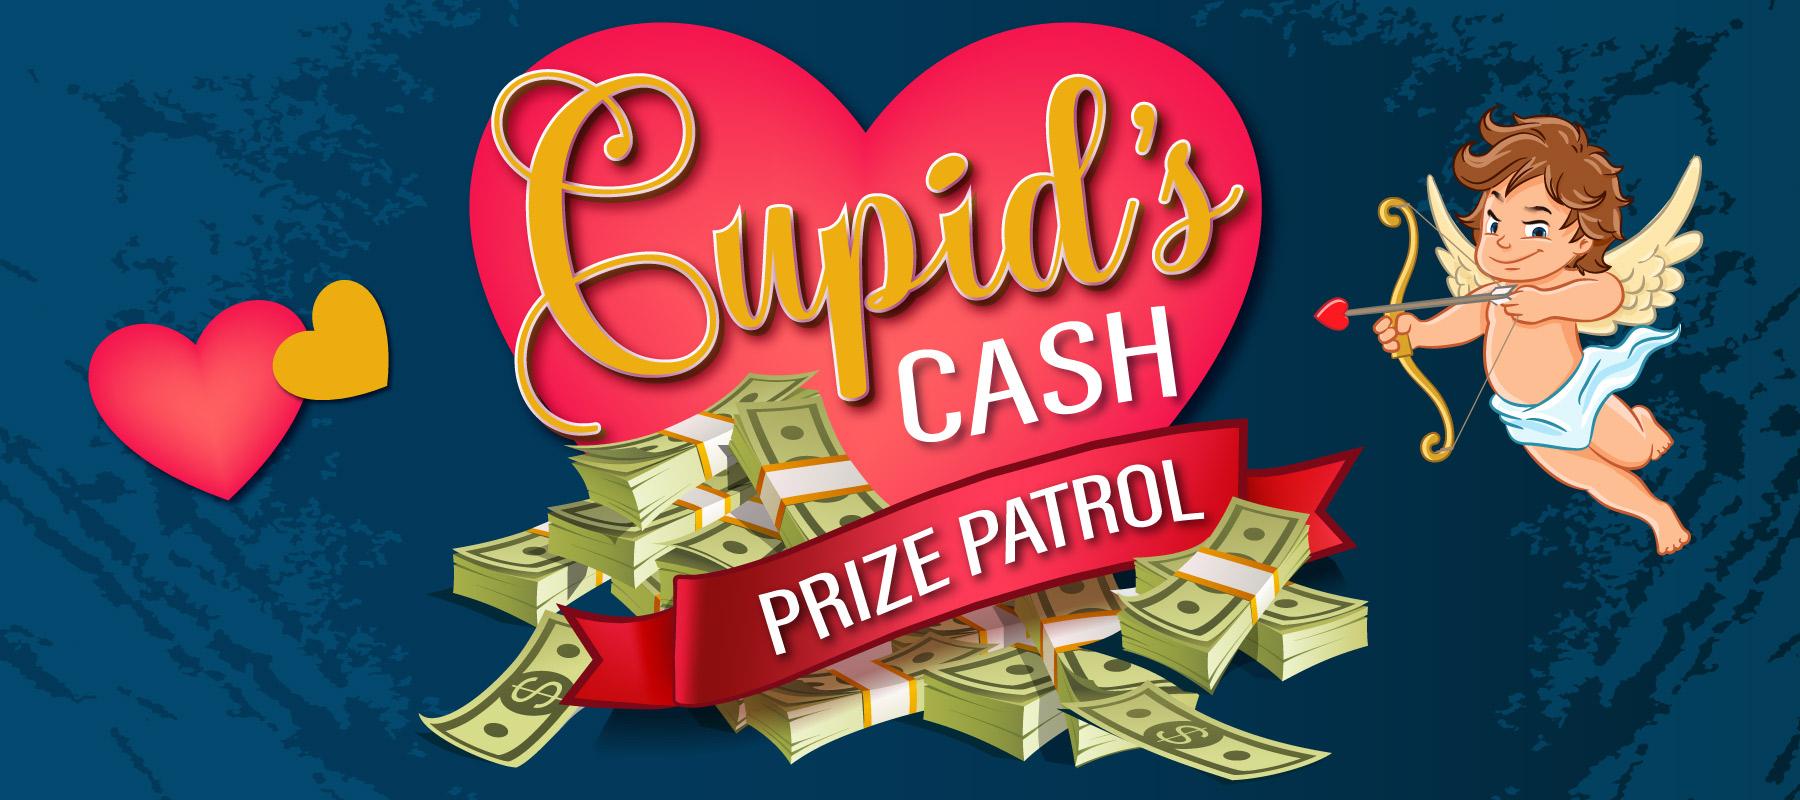 Cupids Cash Prize Patrol